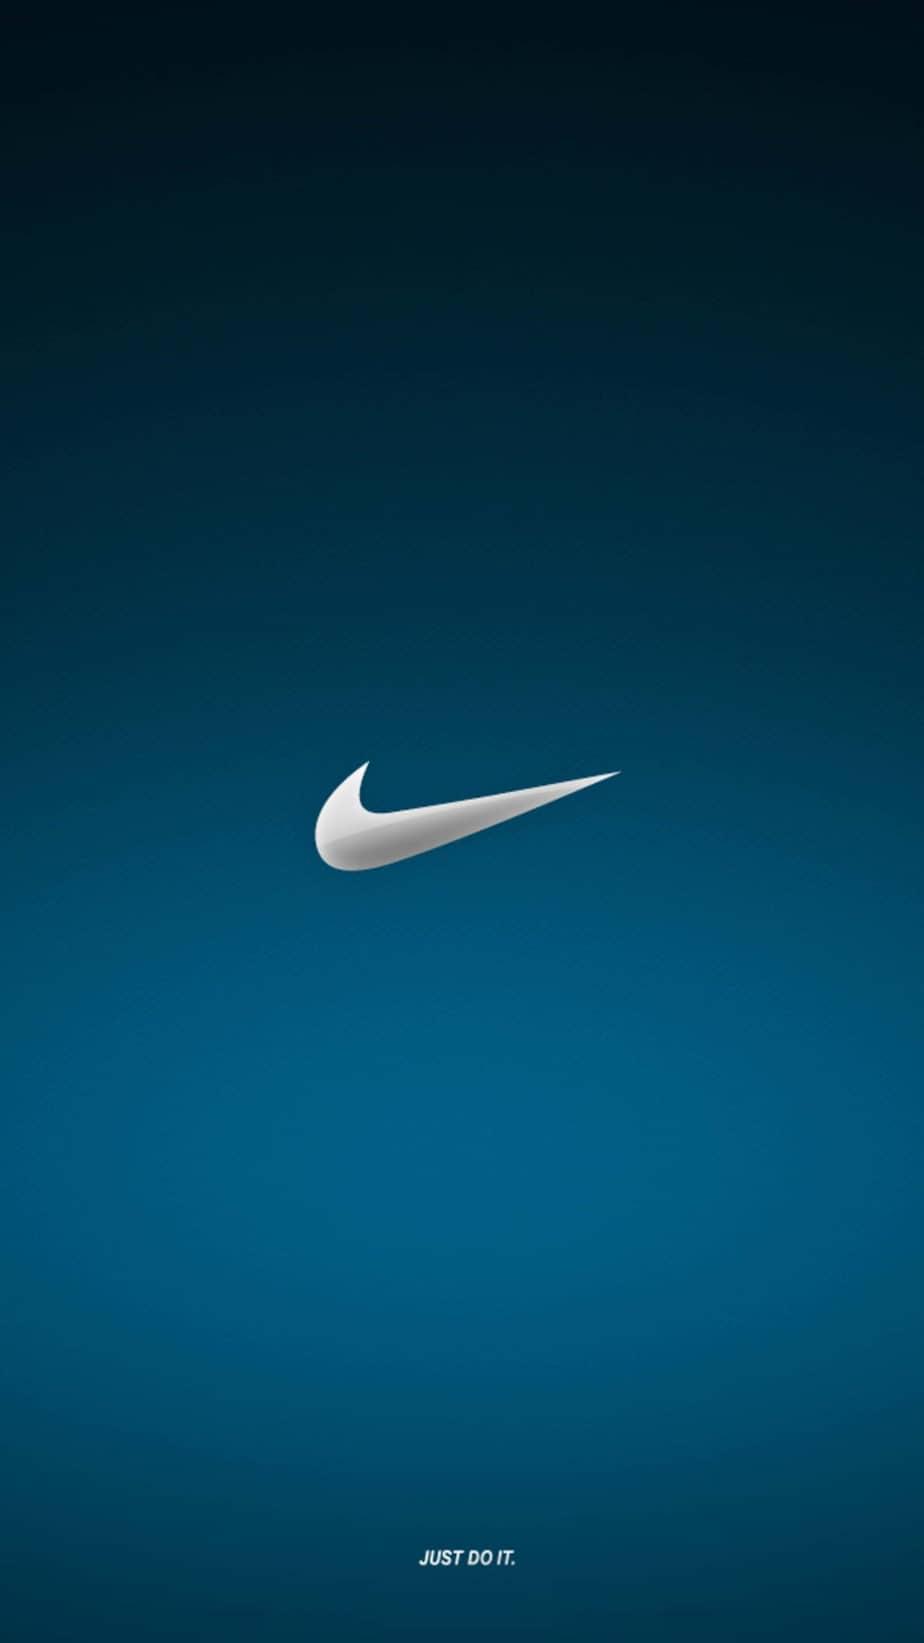 iphone 10 Nike wallpaper in HD